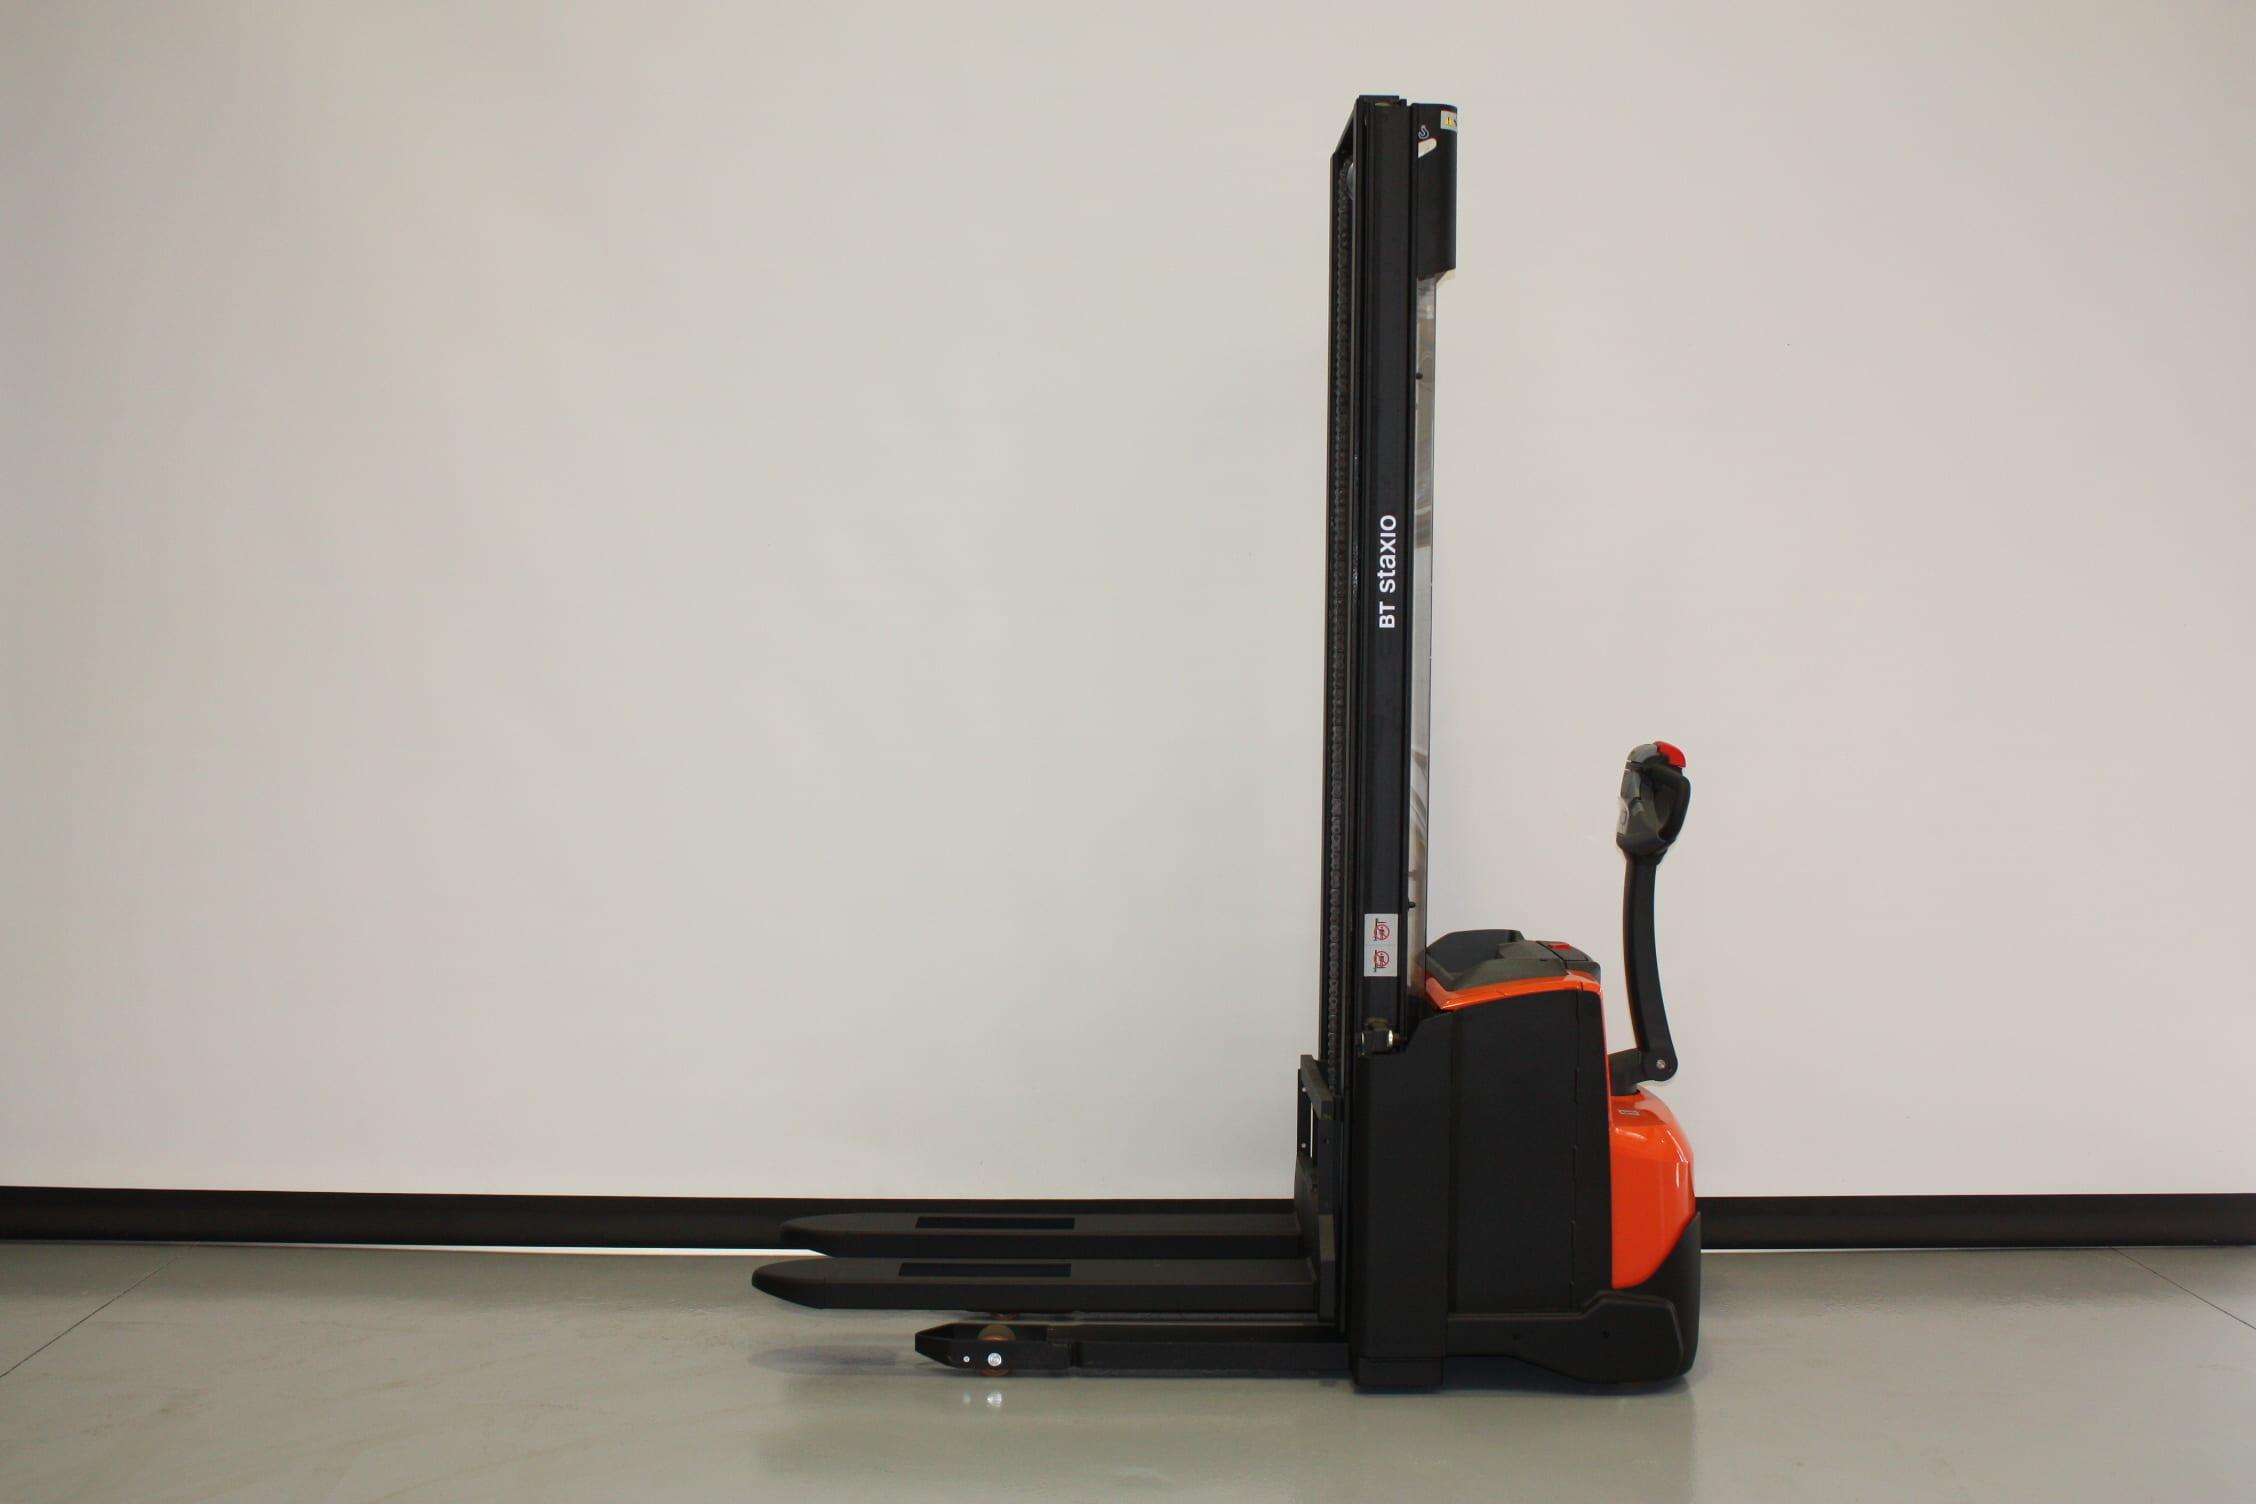 Toyota-Gabelstapler-59840 2010020853 1